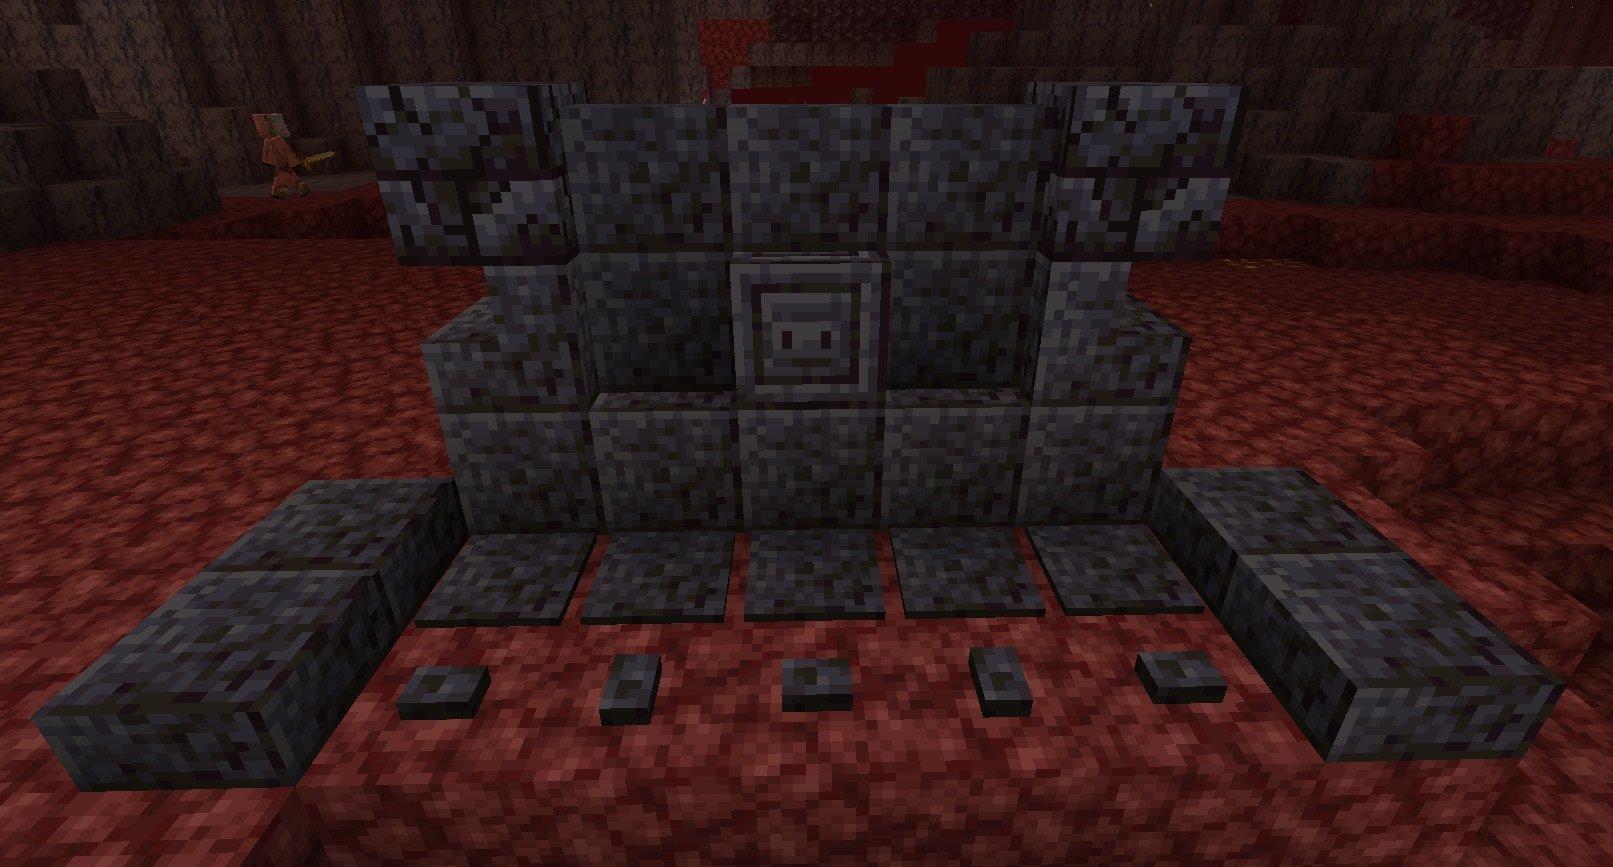 wypolerowane odmiany ciemnych kamieni plyty schody murki minecraft